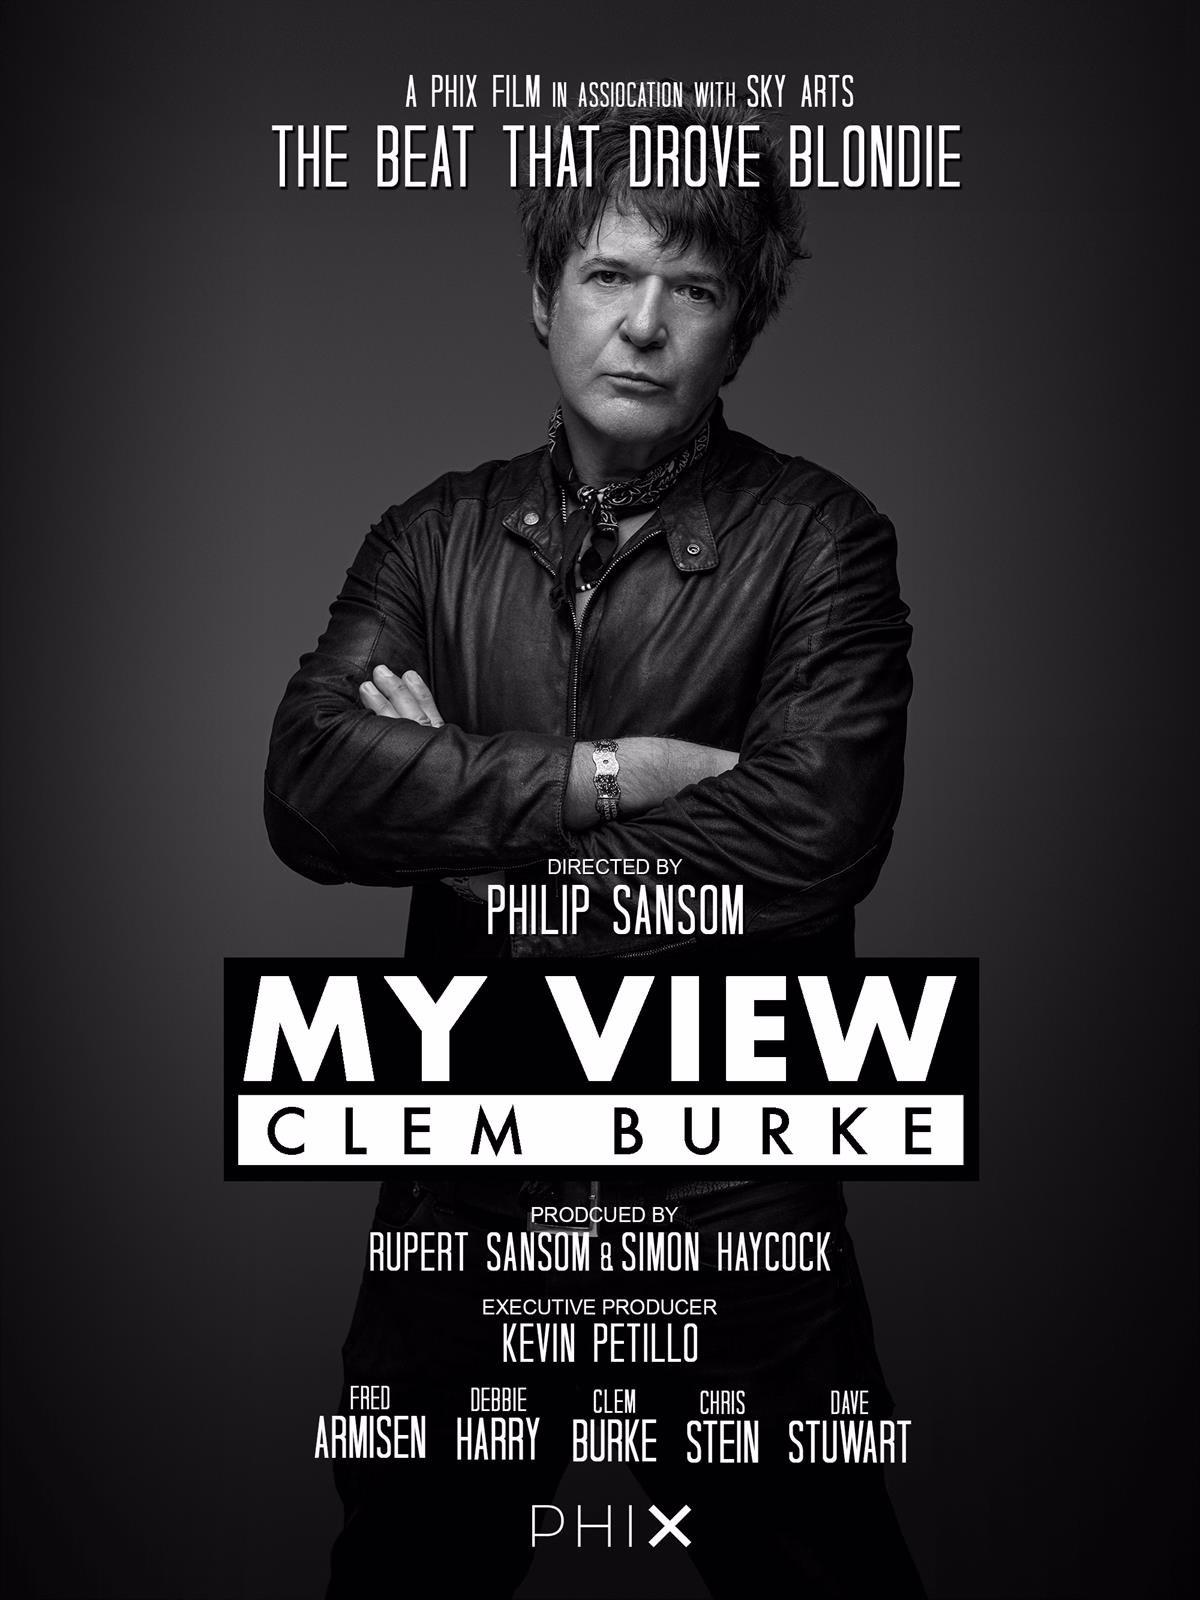 El batería y miembro fundador de Blondie, Clem Burke, presentará en junio de 2020 en Palma el documental 'My view'